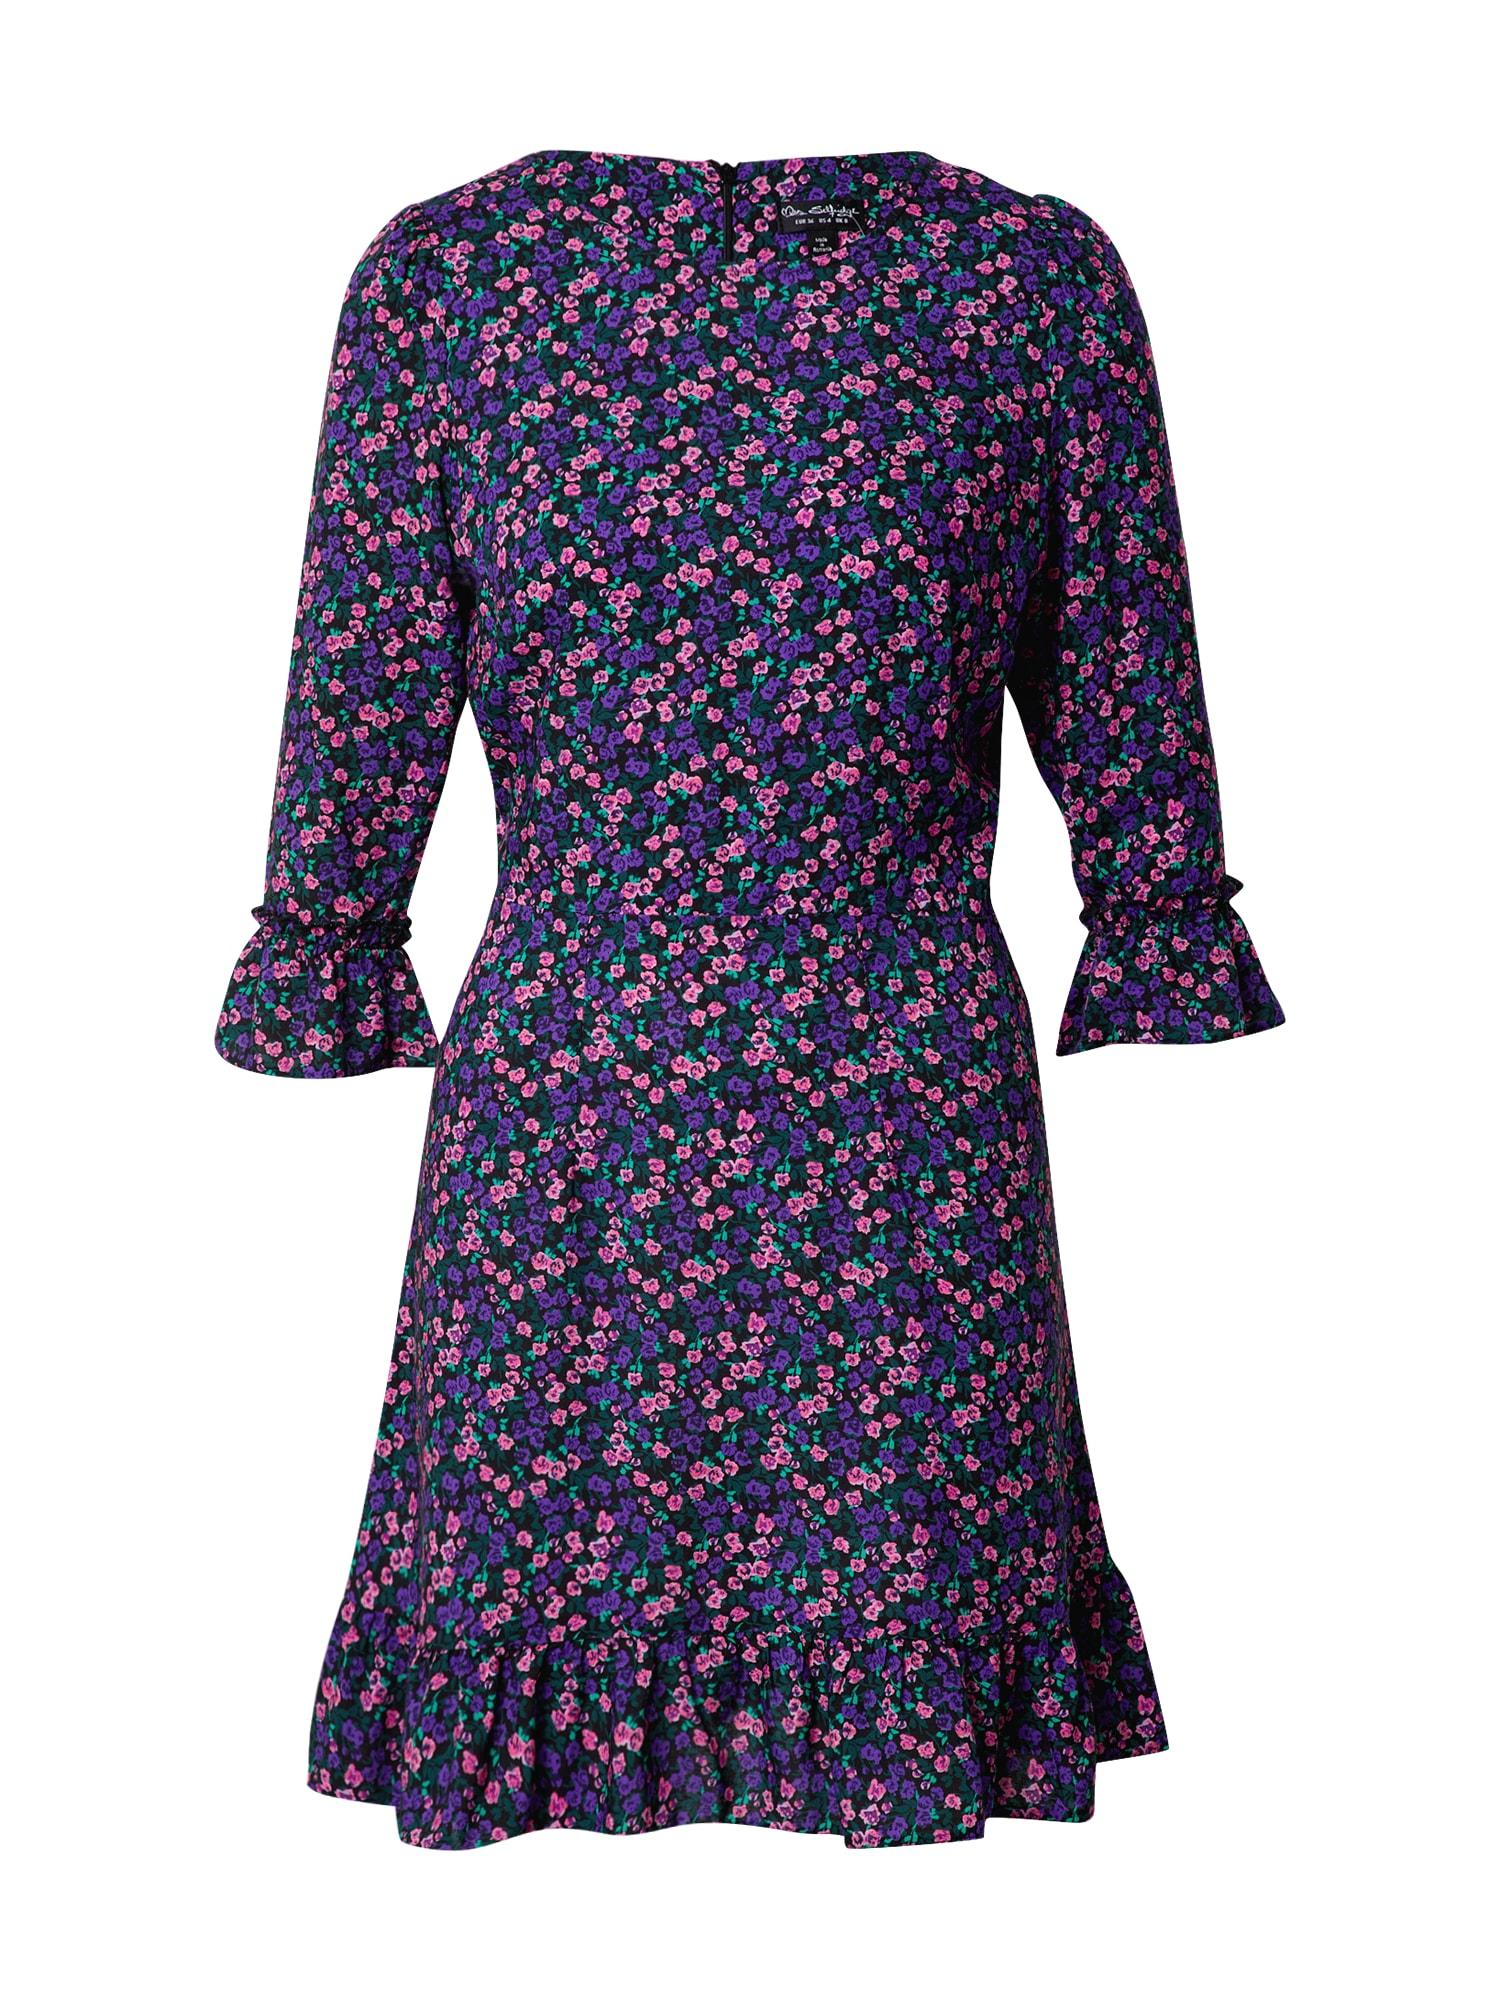 Miss Selfridge Šaty 'Ditsy'  fialová / mix barev